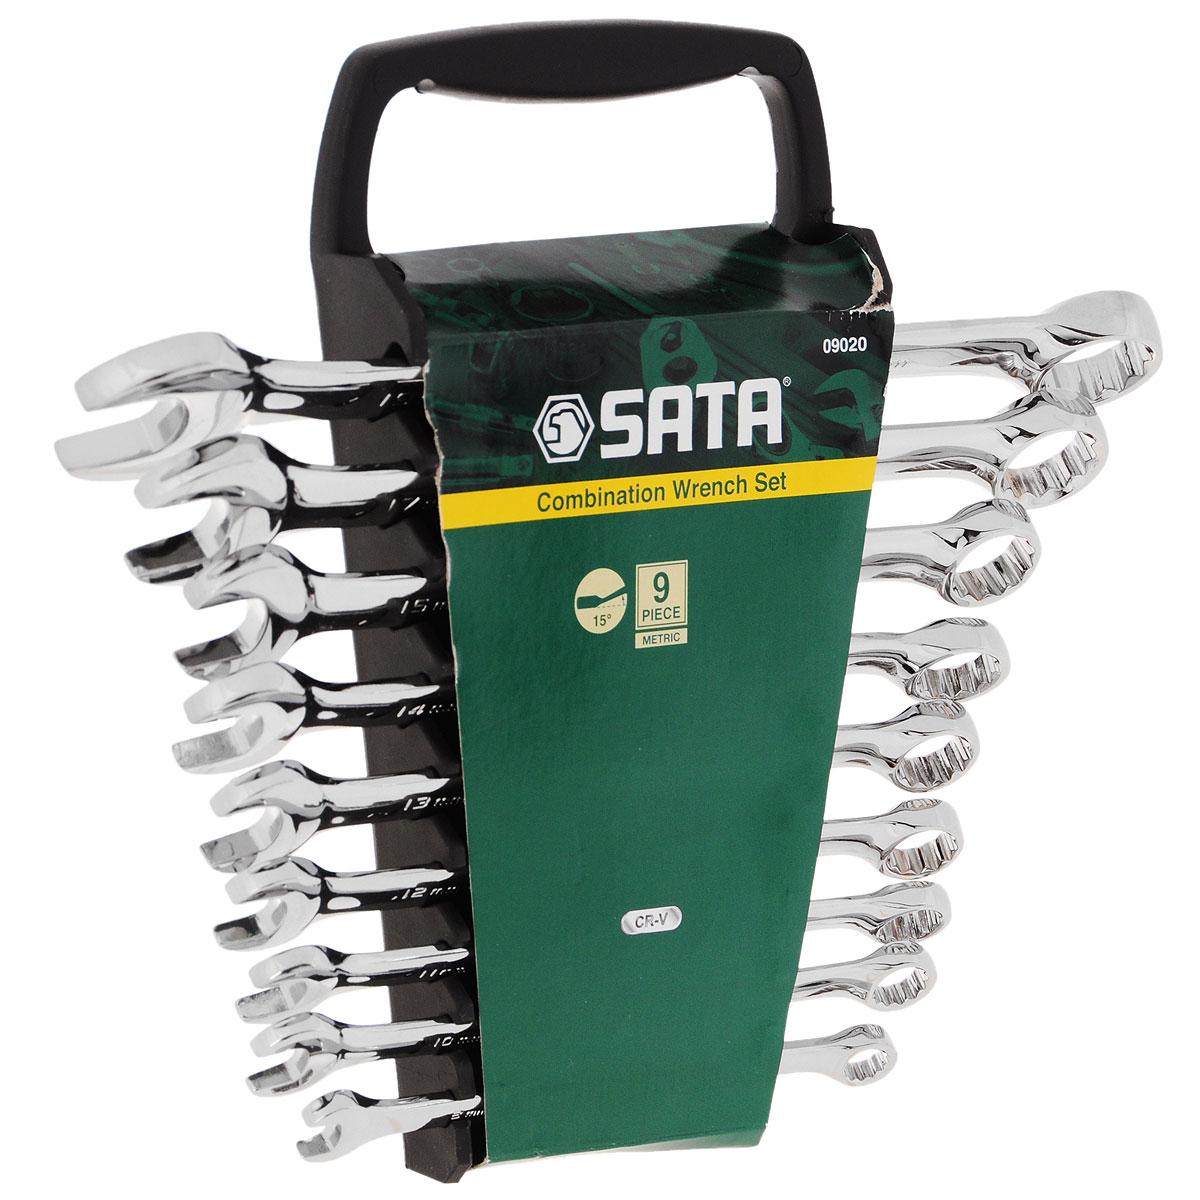 Набор ключей SATA 9пр. 09020 набор инструментов sata 56пр 09509